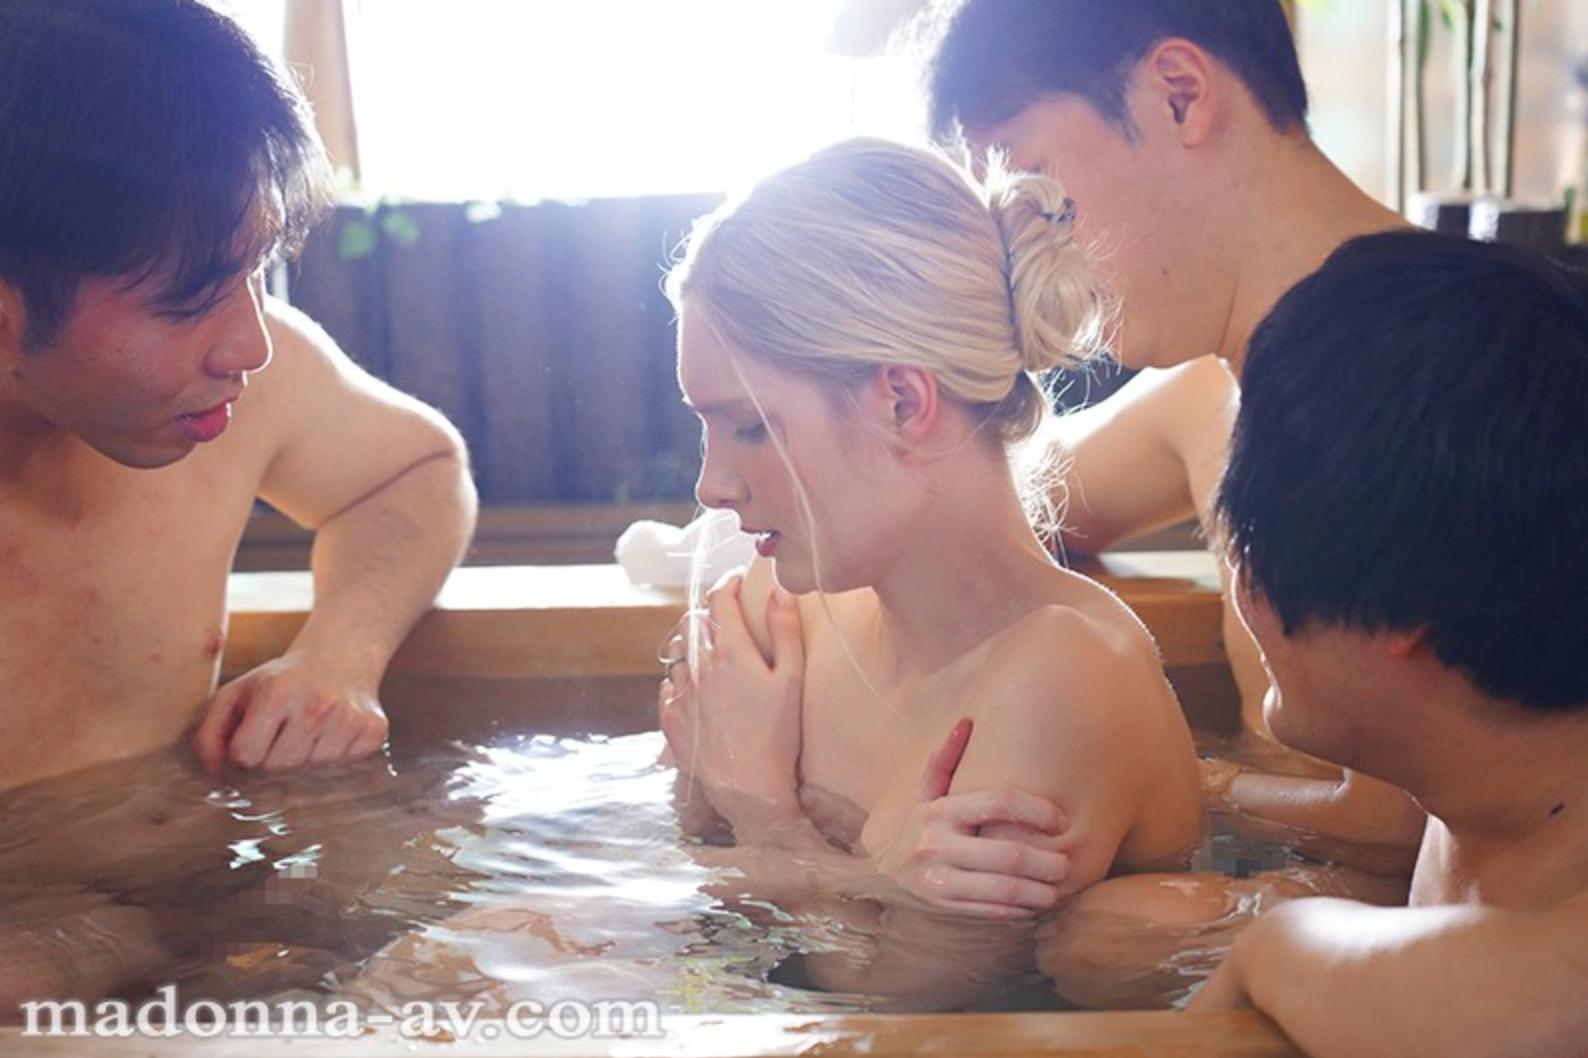 秘湯輪● 辺境の混浴温泉で堕とされゆく北欧生まれのブロンド美人妻 リリー・ハート